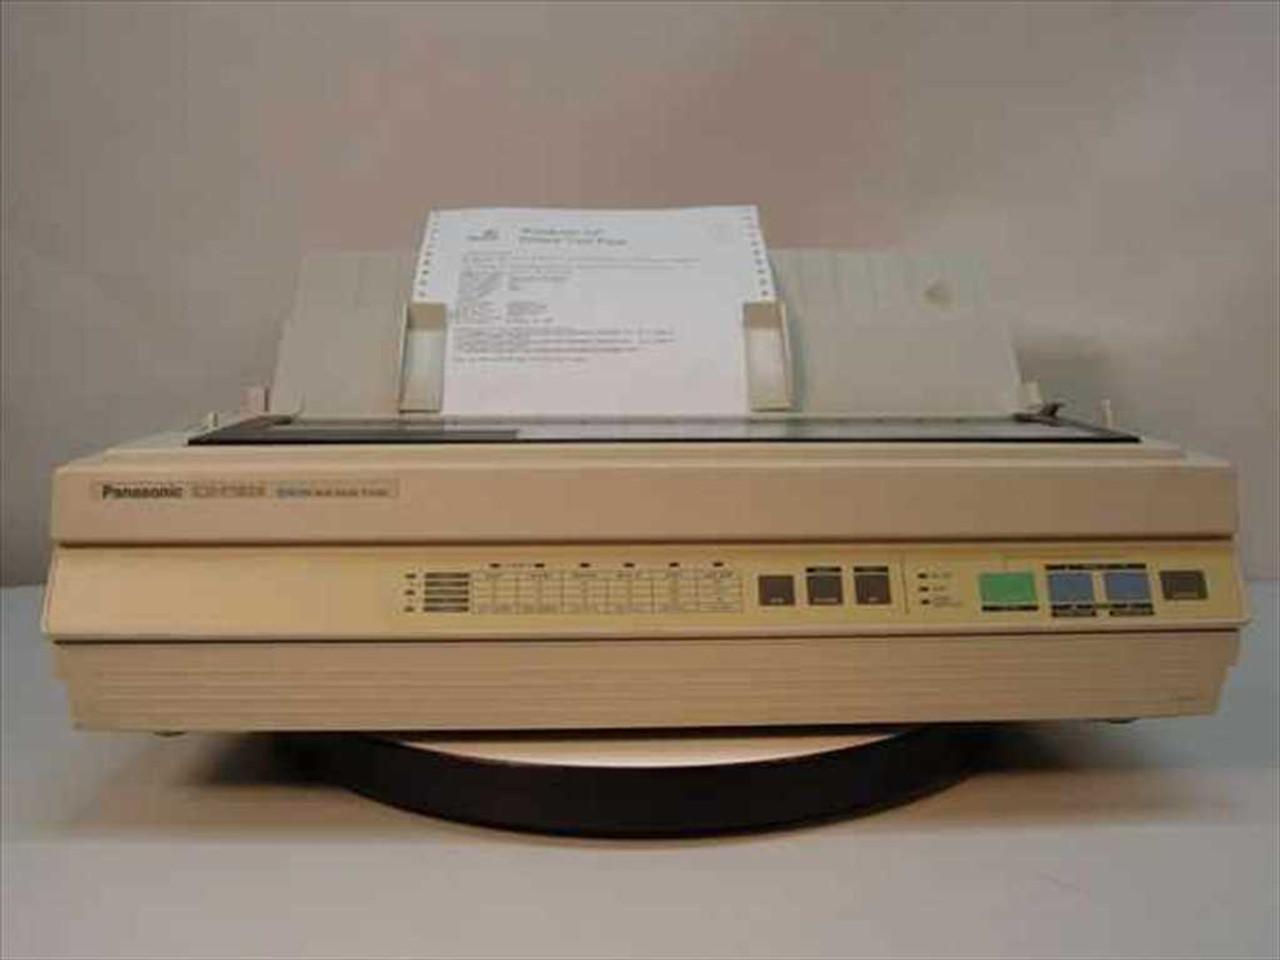 Panasonic kx-p1624 printer